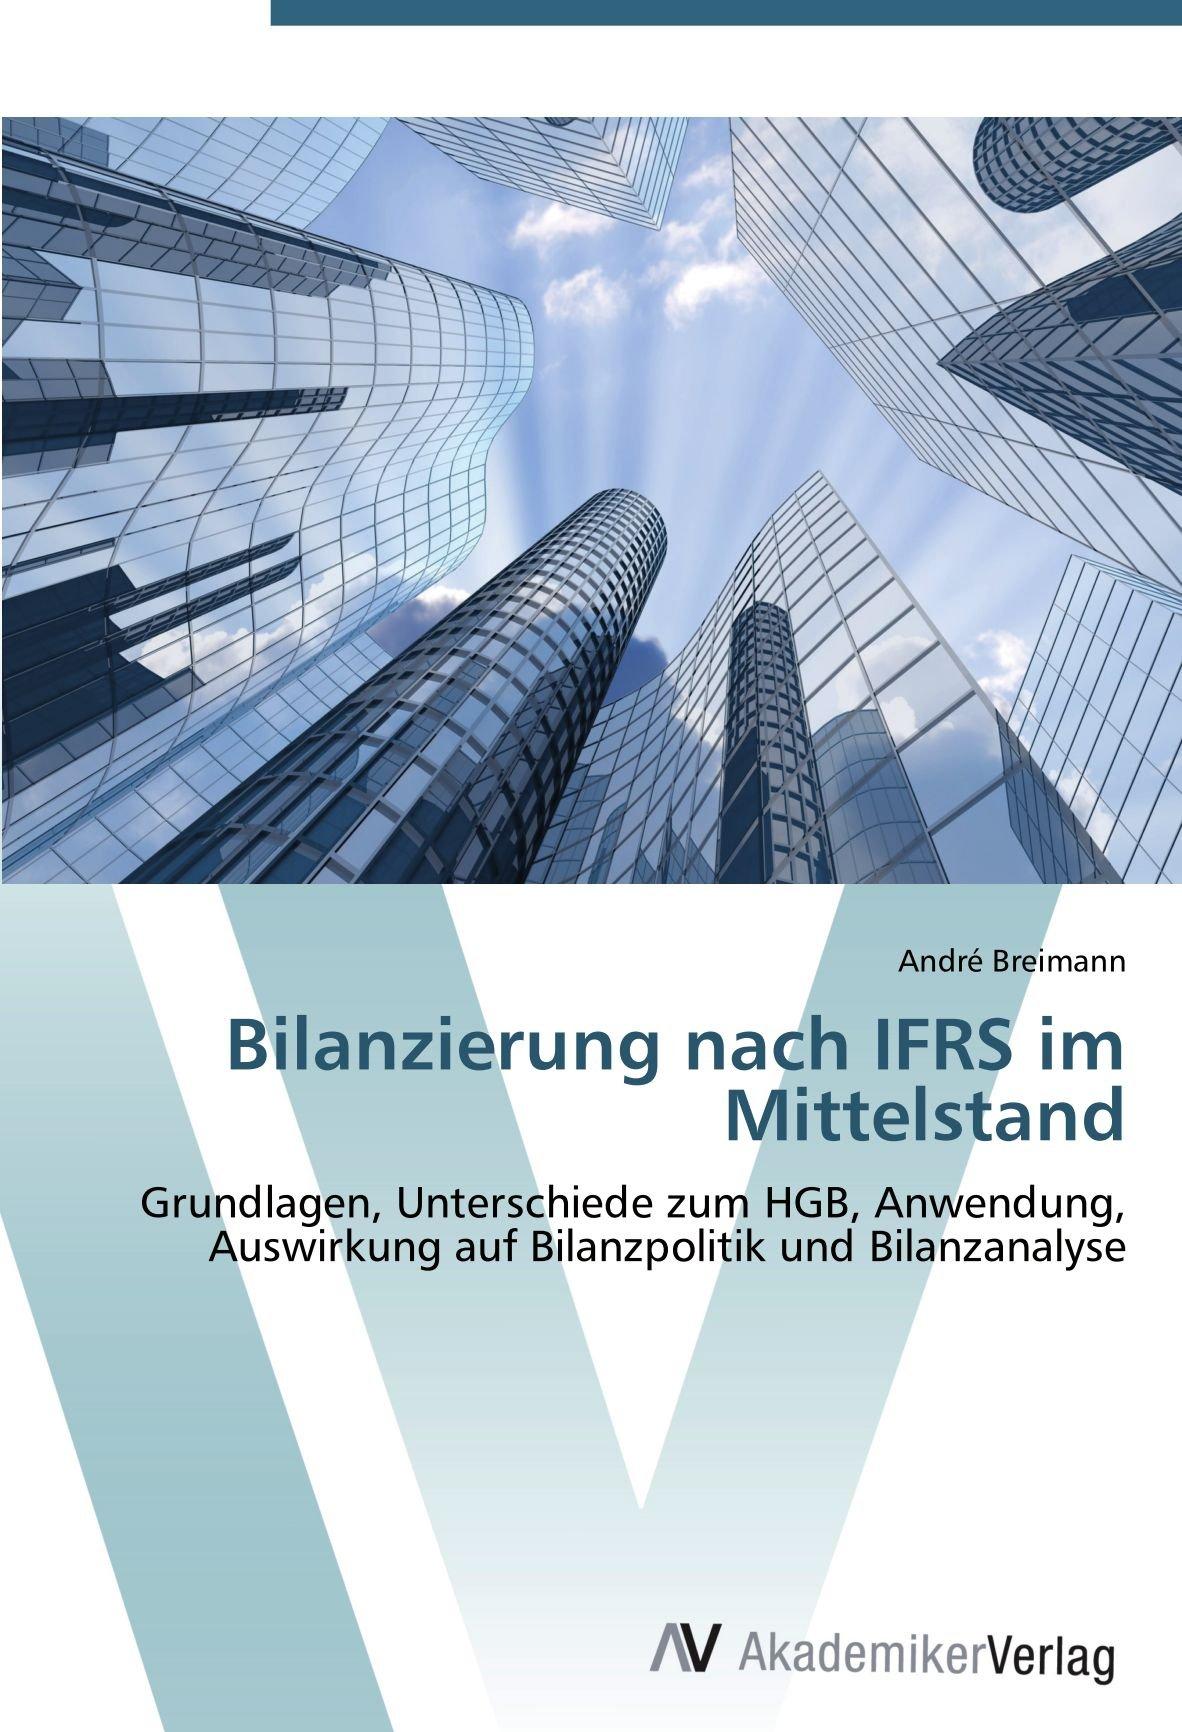 Bilanzierung nach IFRS im Mittelstand: Grundlagen, Unterschiede zum HGB, Anwendung, Auswirkung auf Bilanzpolitik und Bilanzanalyse